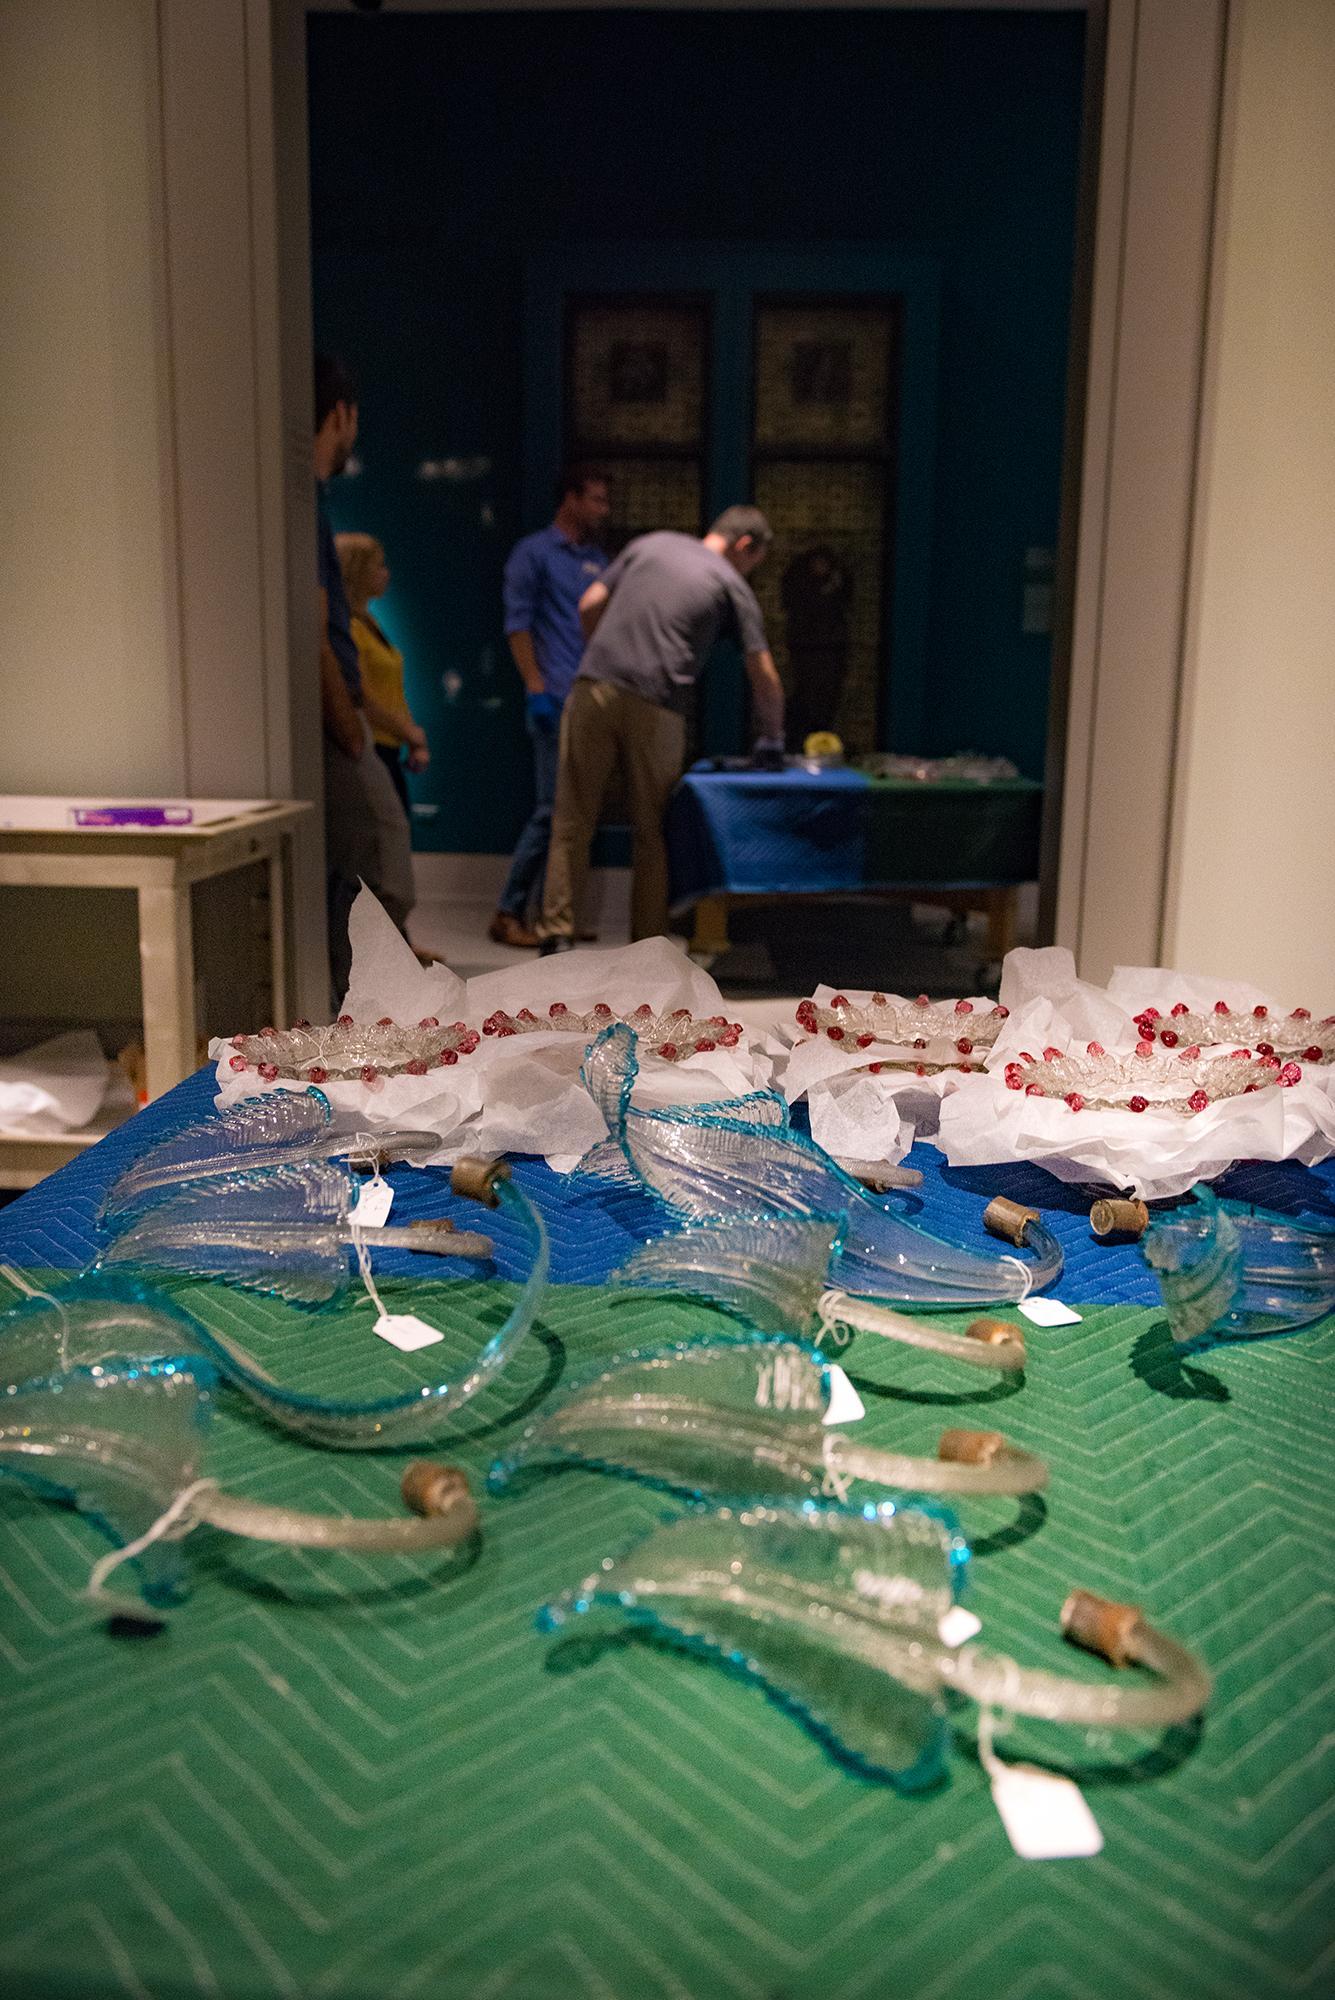 staff members taking down a salviati glass piece